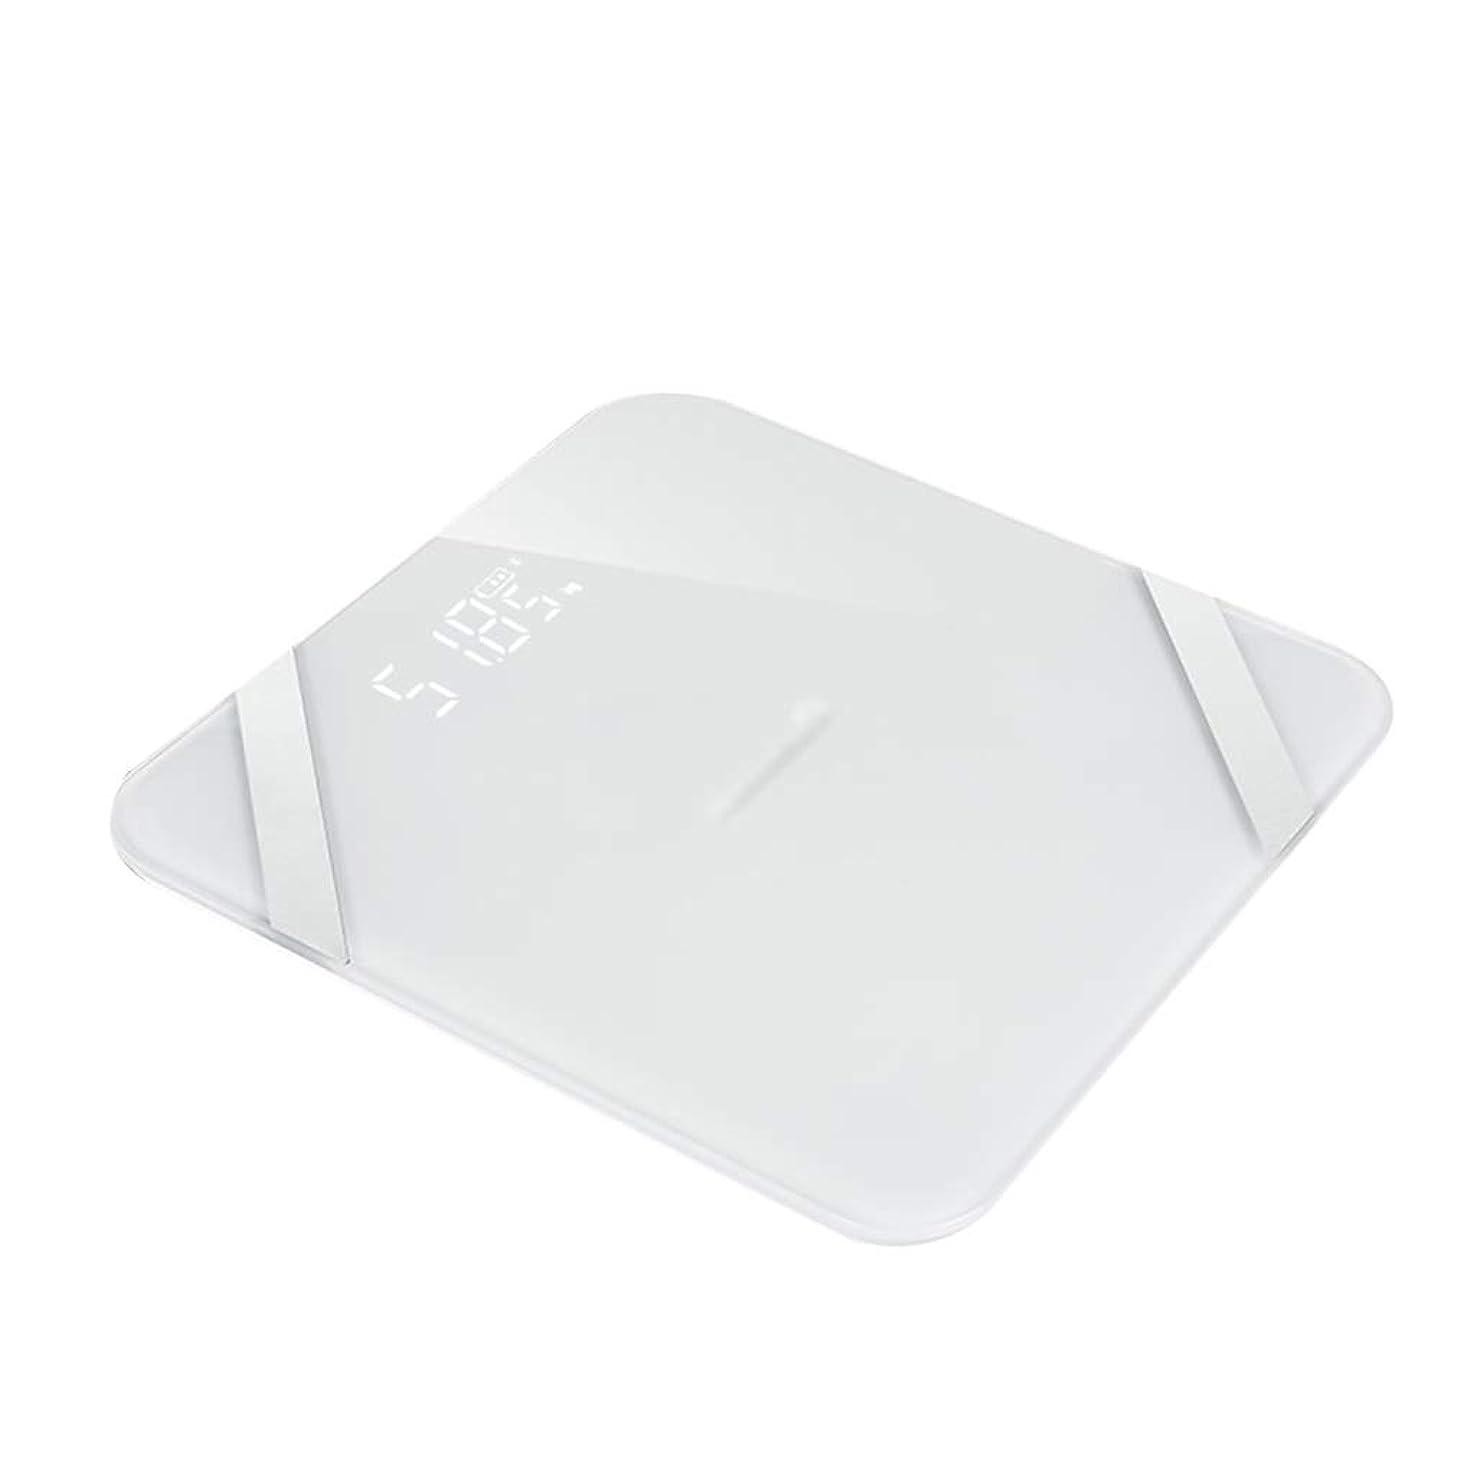 年金受給者価値財布LEDディスプレイボディスケールインテリジェント精密強化ガラス電子スケールホーム寮のスケールは150kg(29x23.5x2cm)に耐えることができます